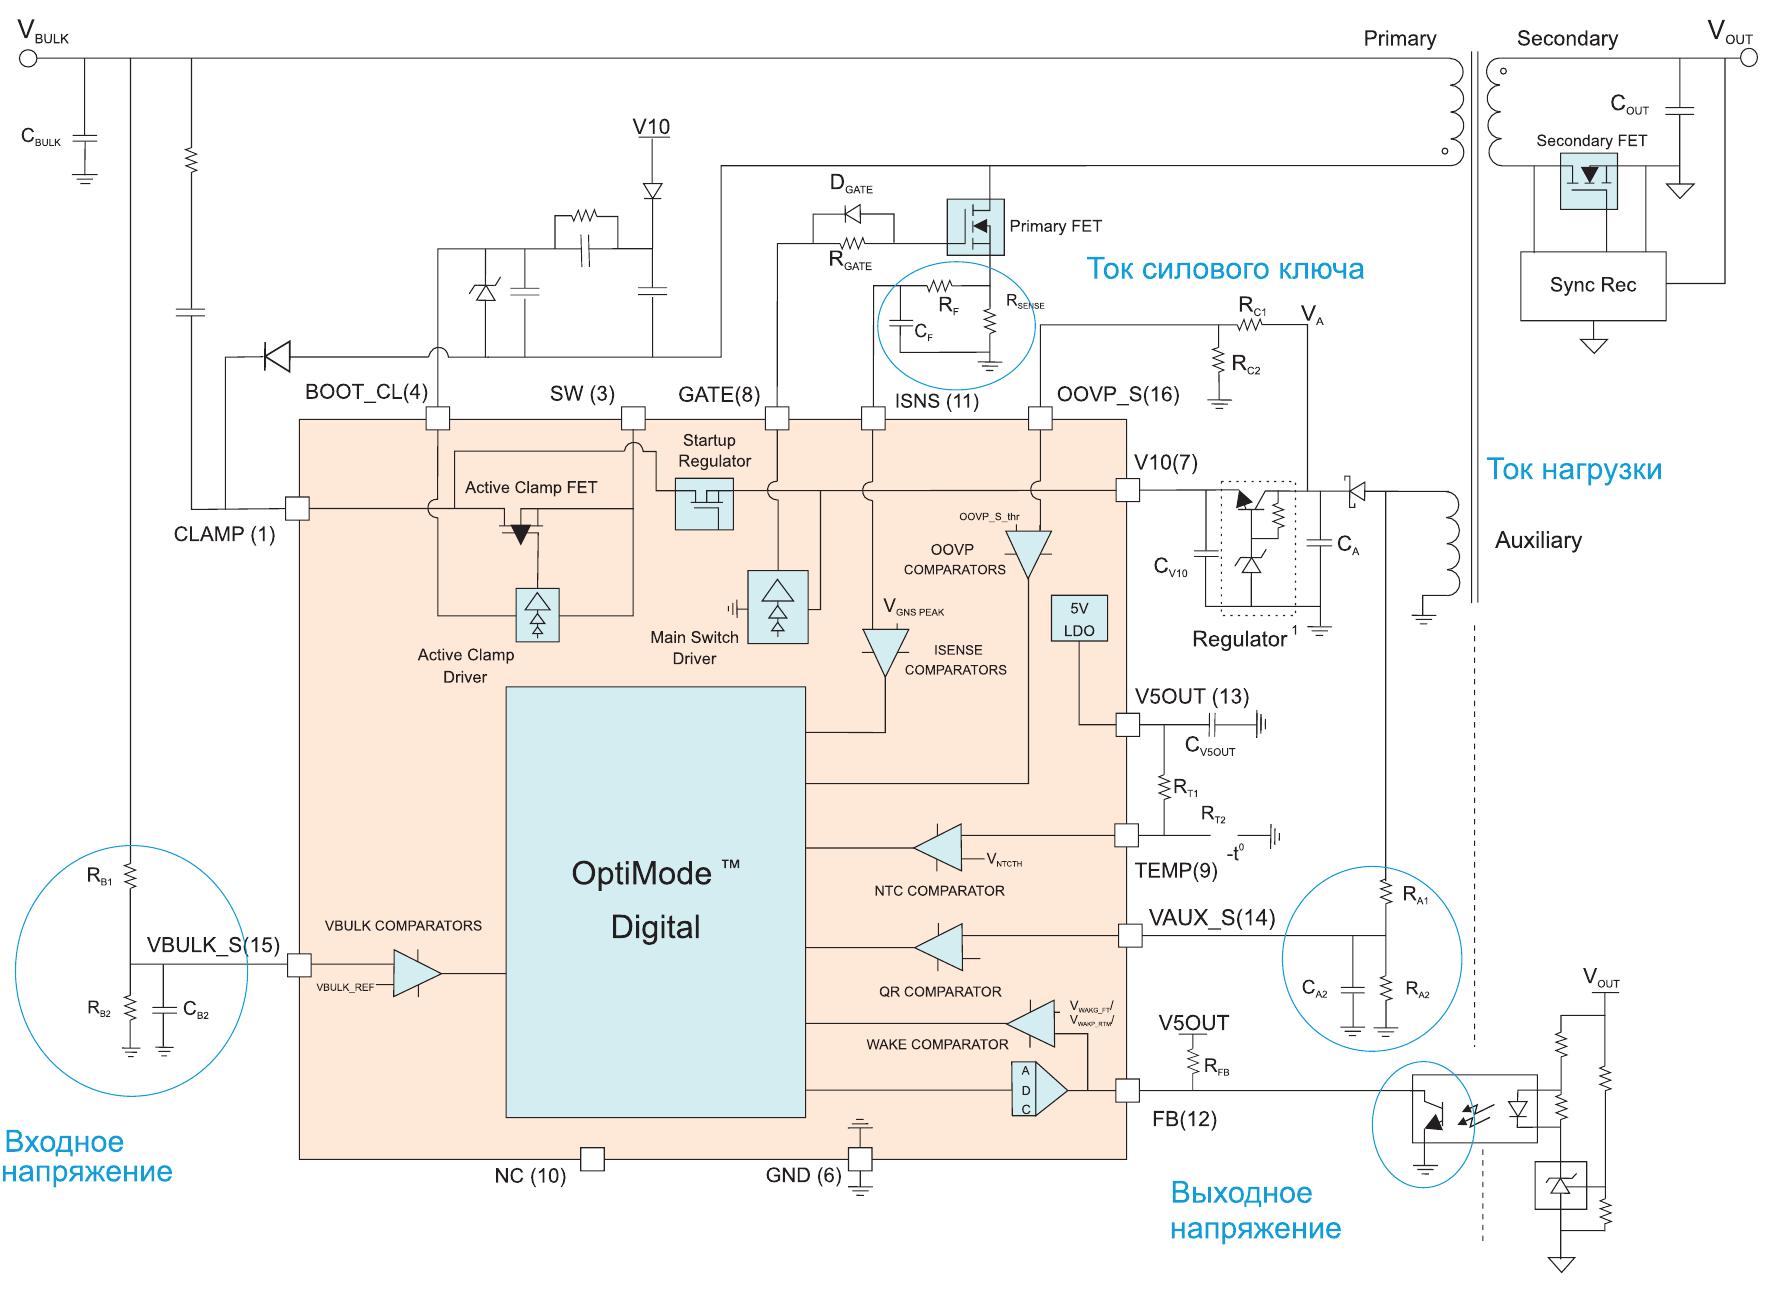 Основные контролируемые/ регулируемые части схемы по технологии OptiMode